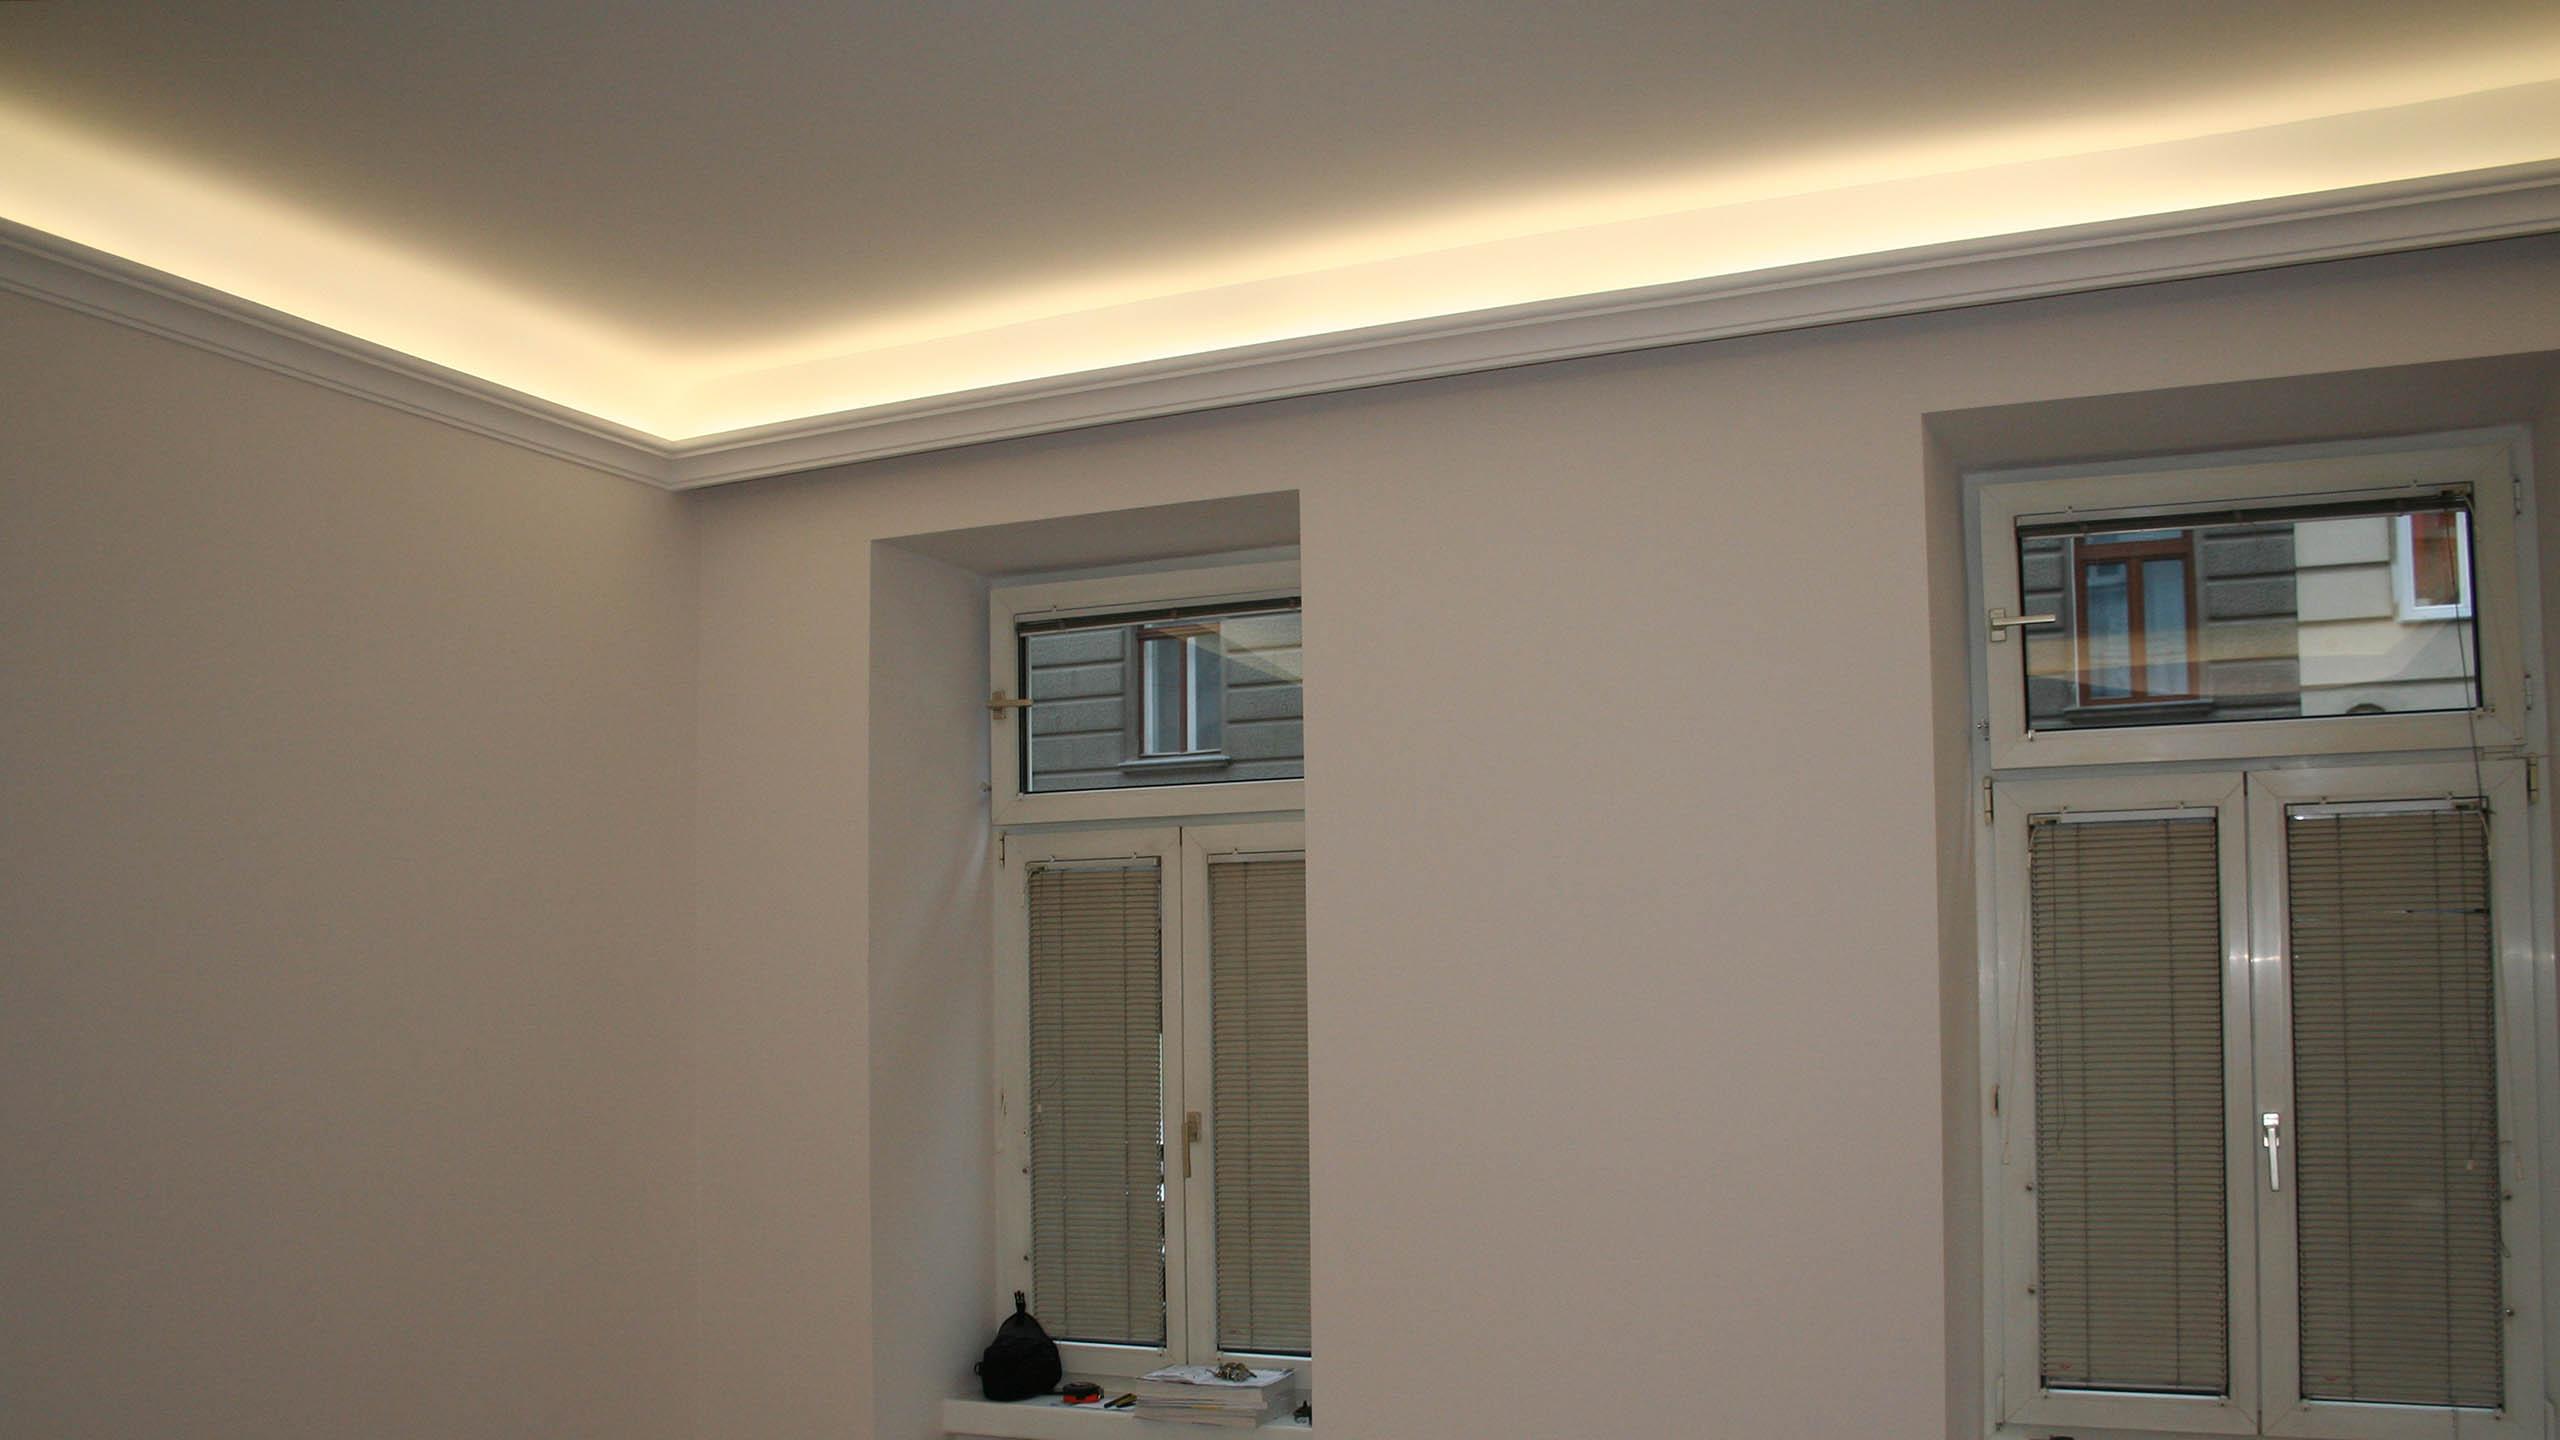 stuckprofile f r indirekte beleuchtung bendu. Black Bedroom Furniture Sets. Home Design Ideas